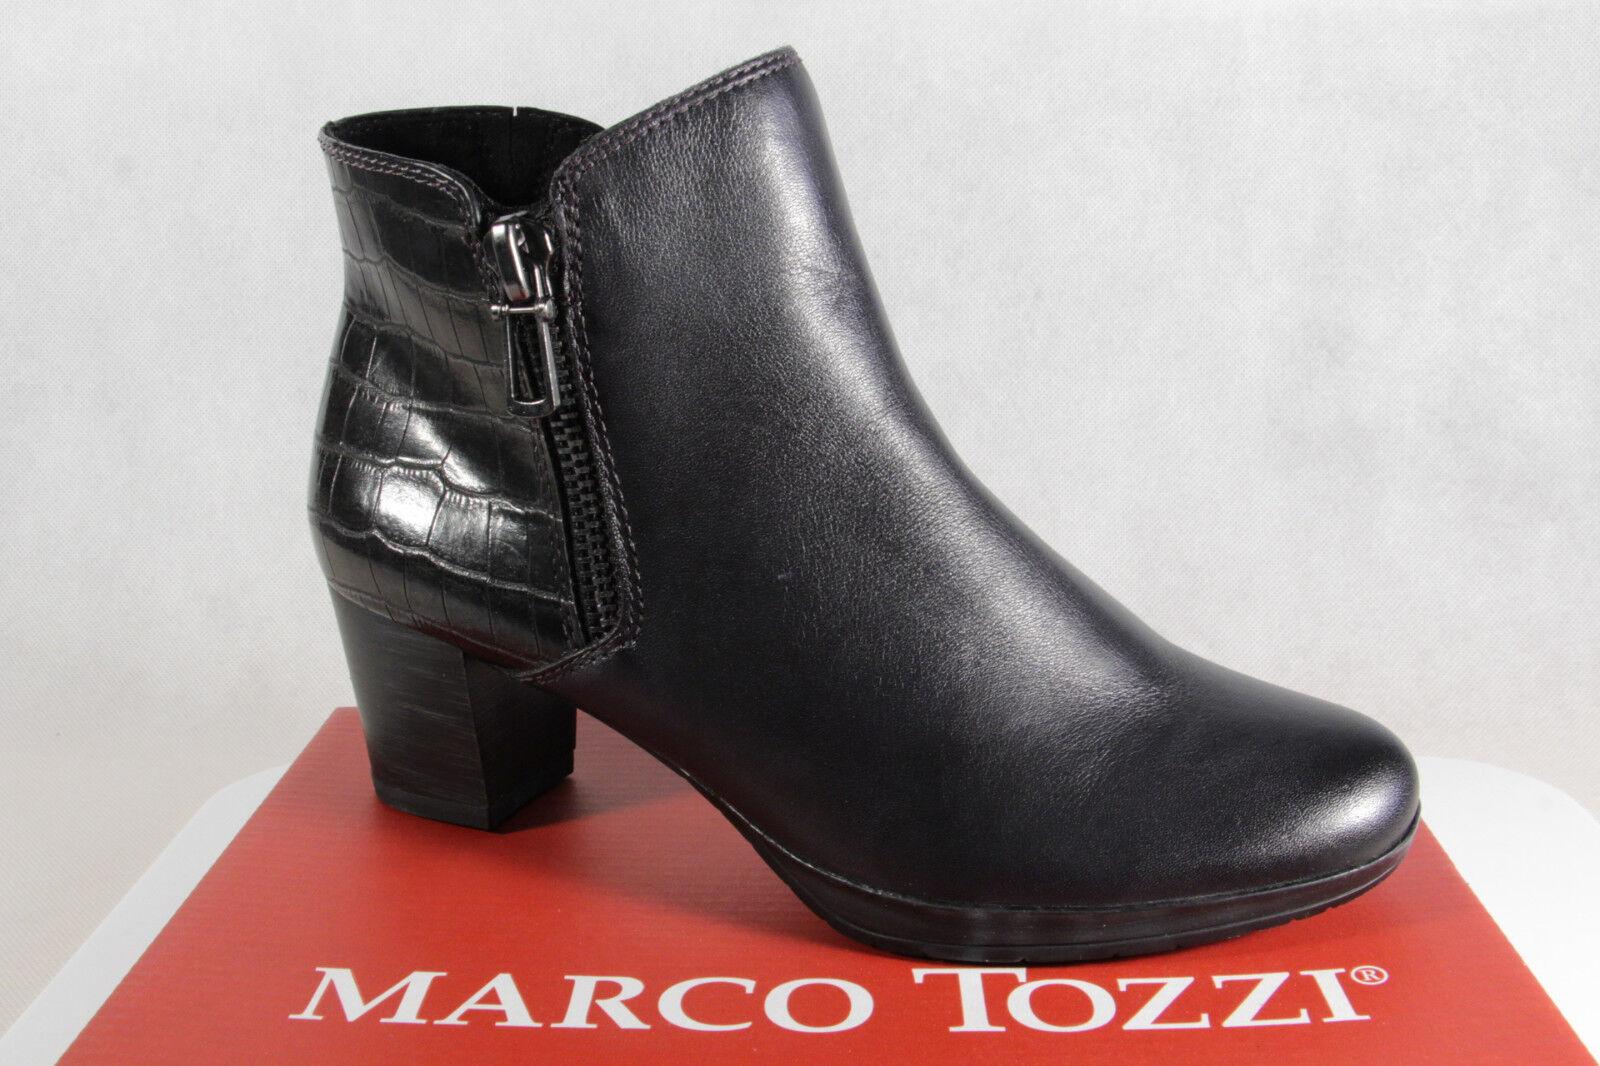 Marco Tozzi Botines cuero antracita / Azul Oscuro 25388 NUEVO